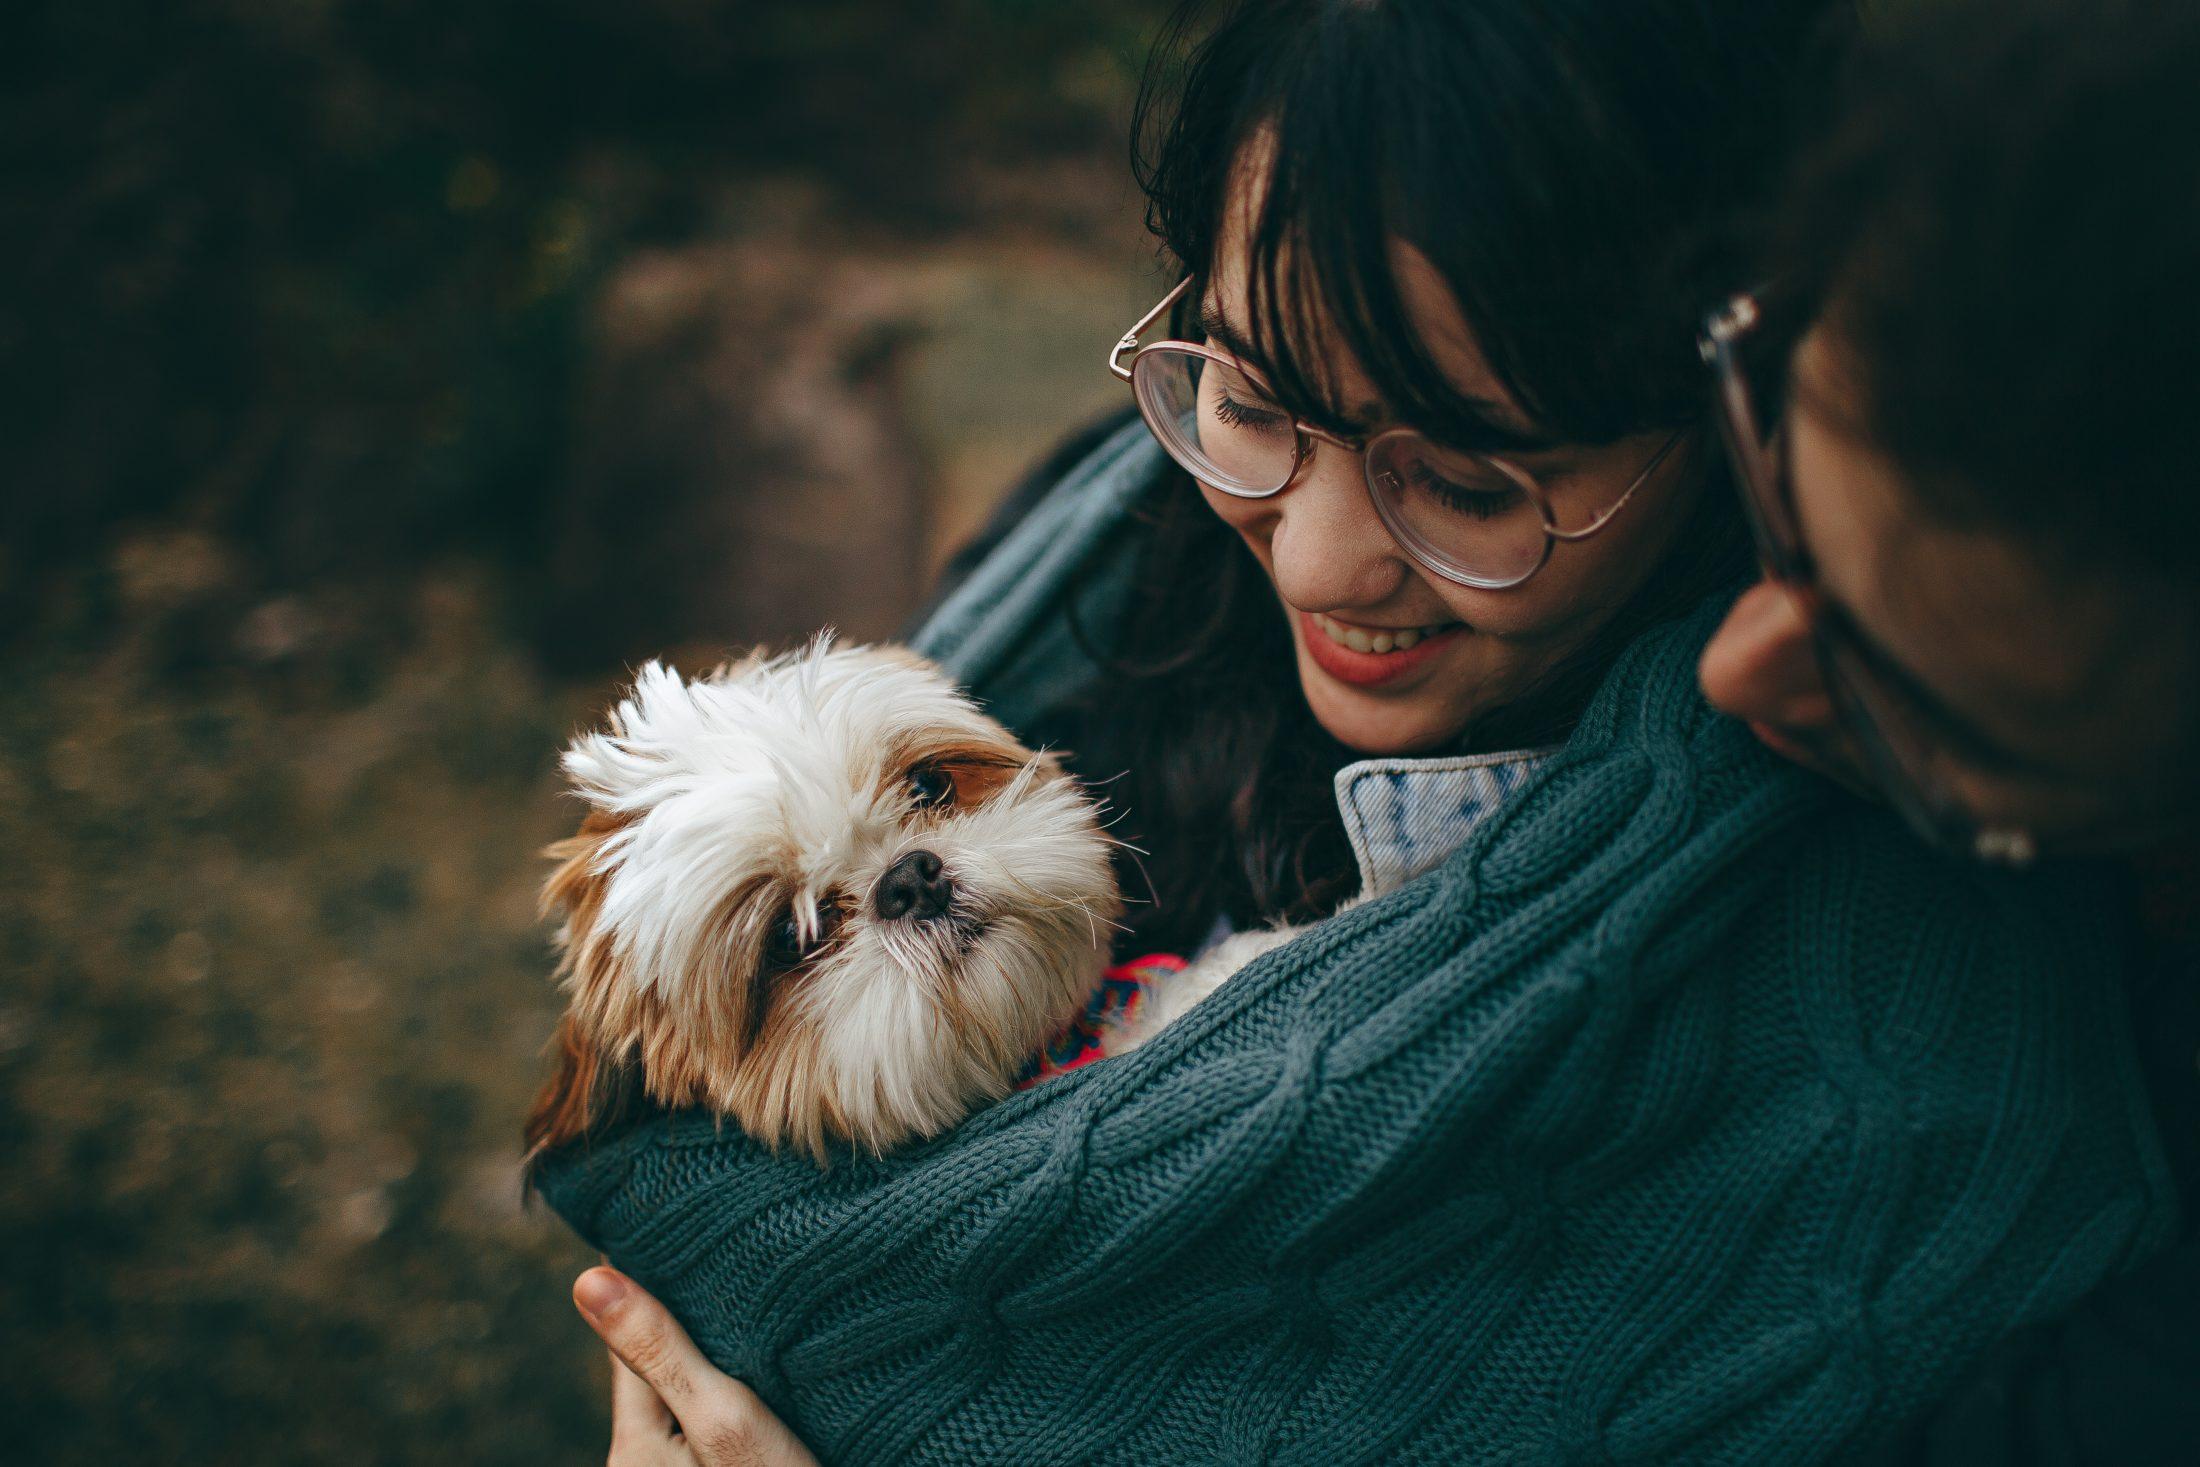 mulher com cachorro no sling